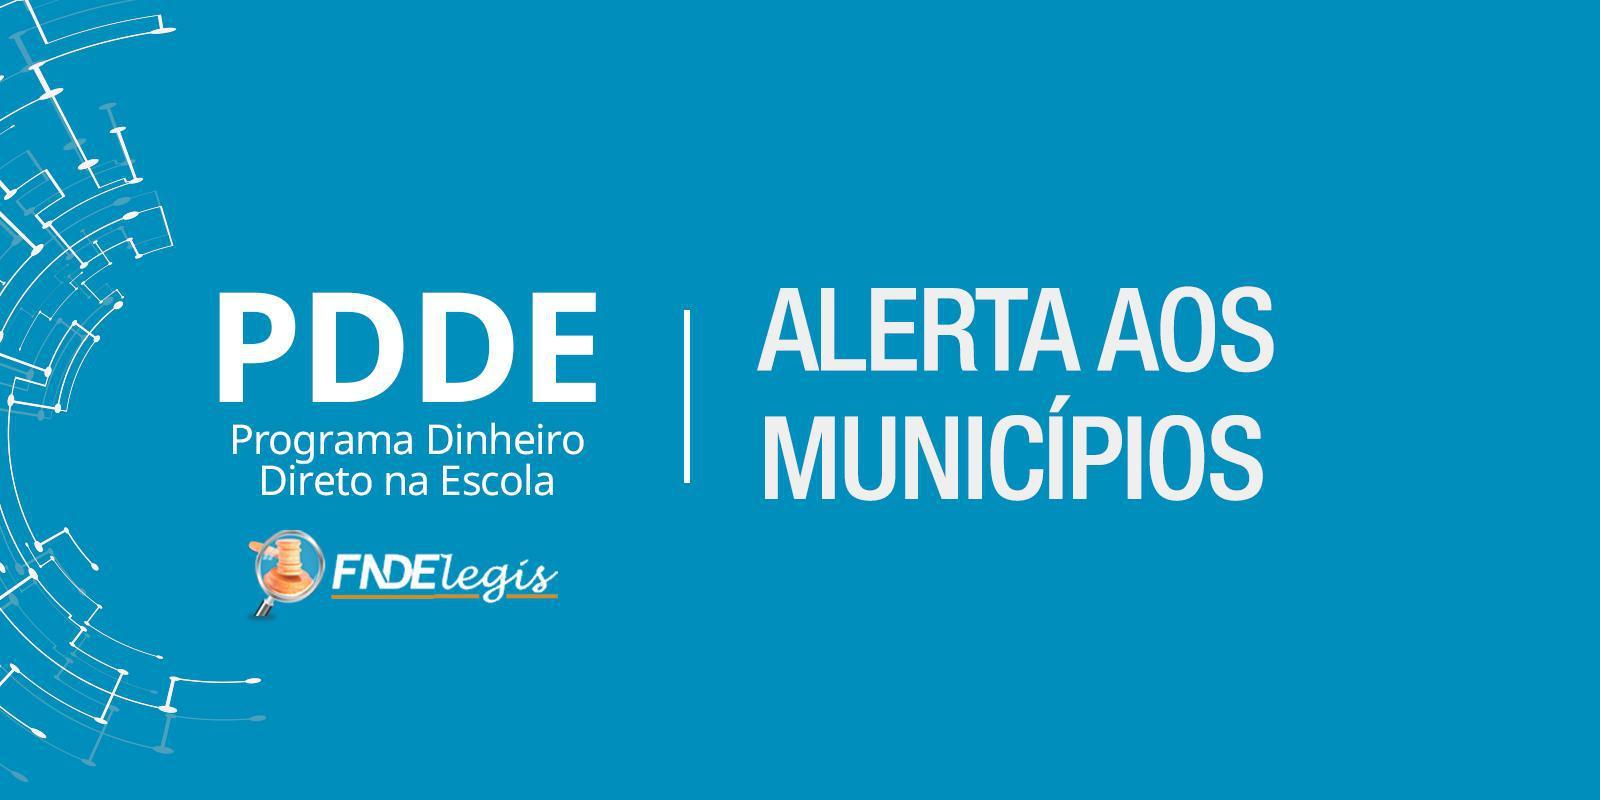 Alerta aos Municípios para as Mudanças providas no PDDE - FNDE